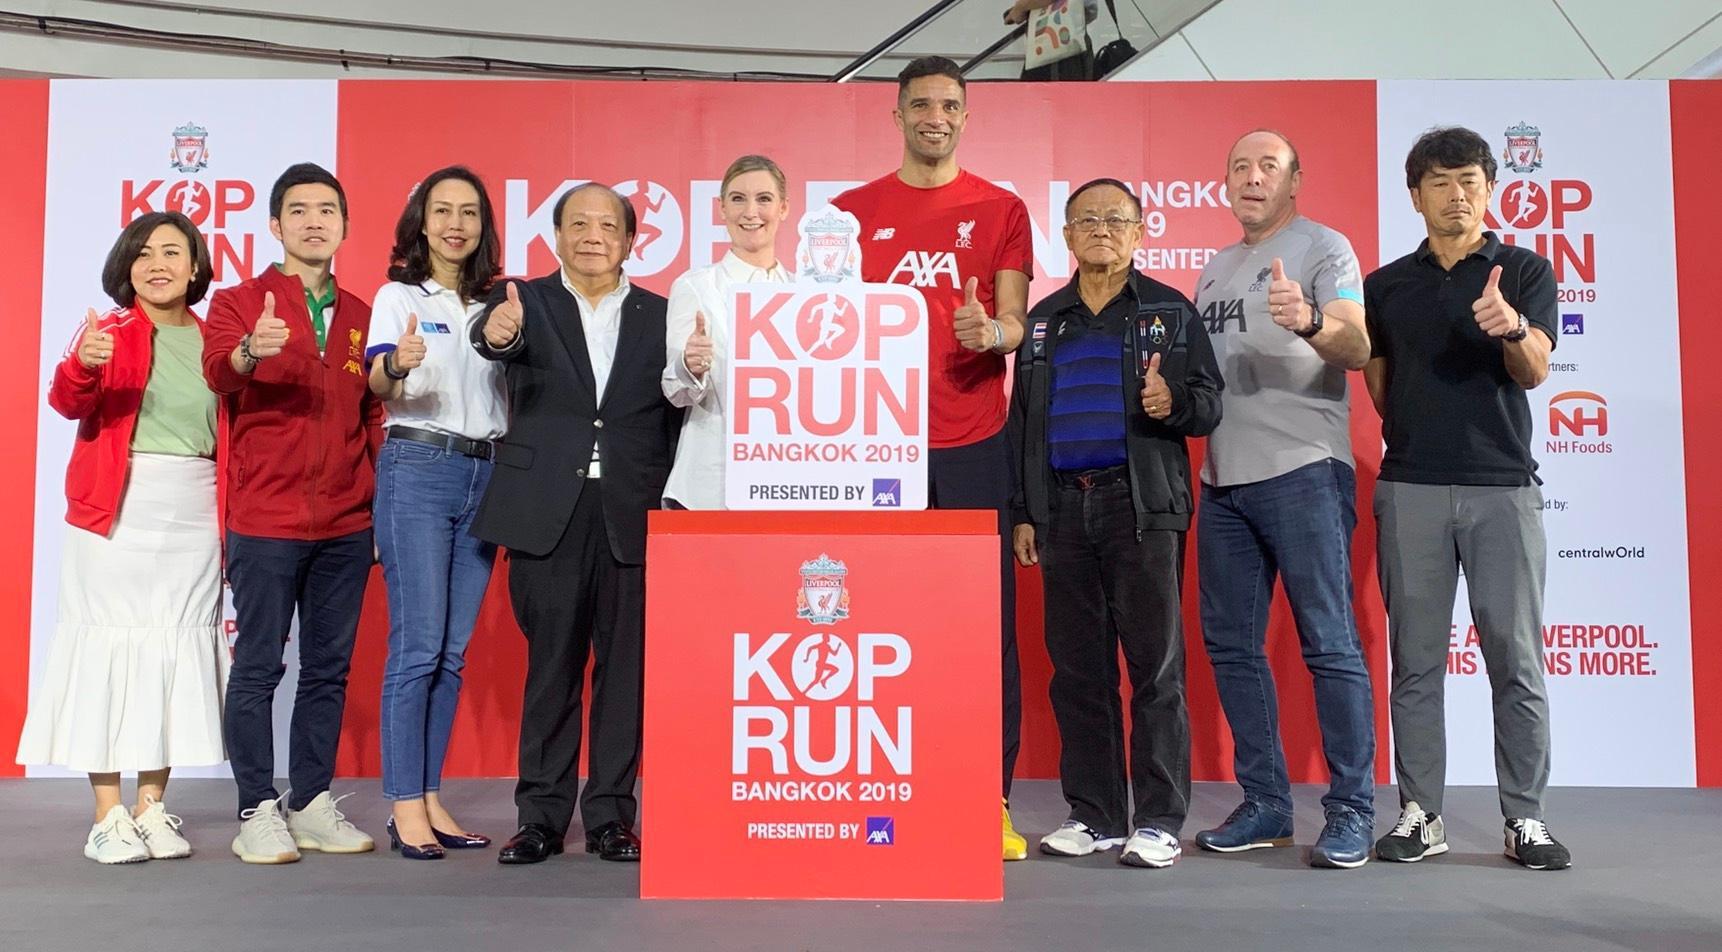 """""""ลิเวอร์พูล"""" จับมือ """"แอกซ่า"""" ร่วมเปิดตัวงานวิ่ง """"Kop Run Bangkok 2019"""""""